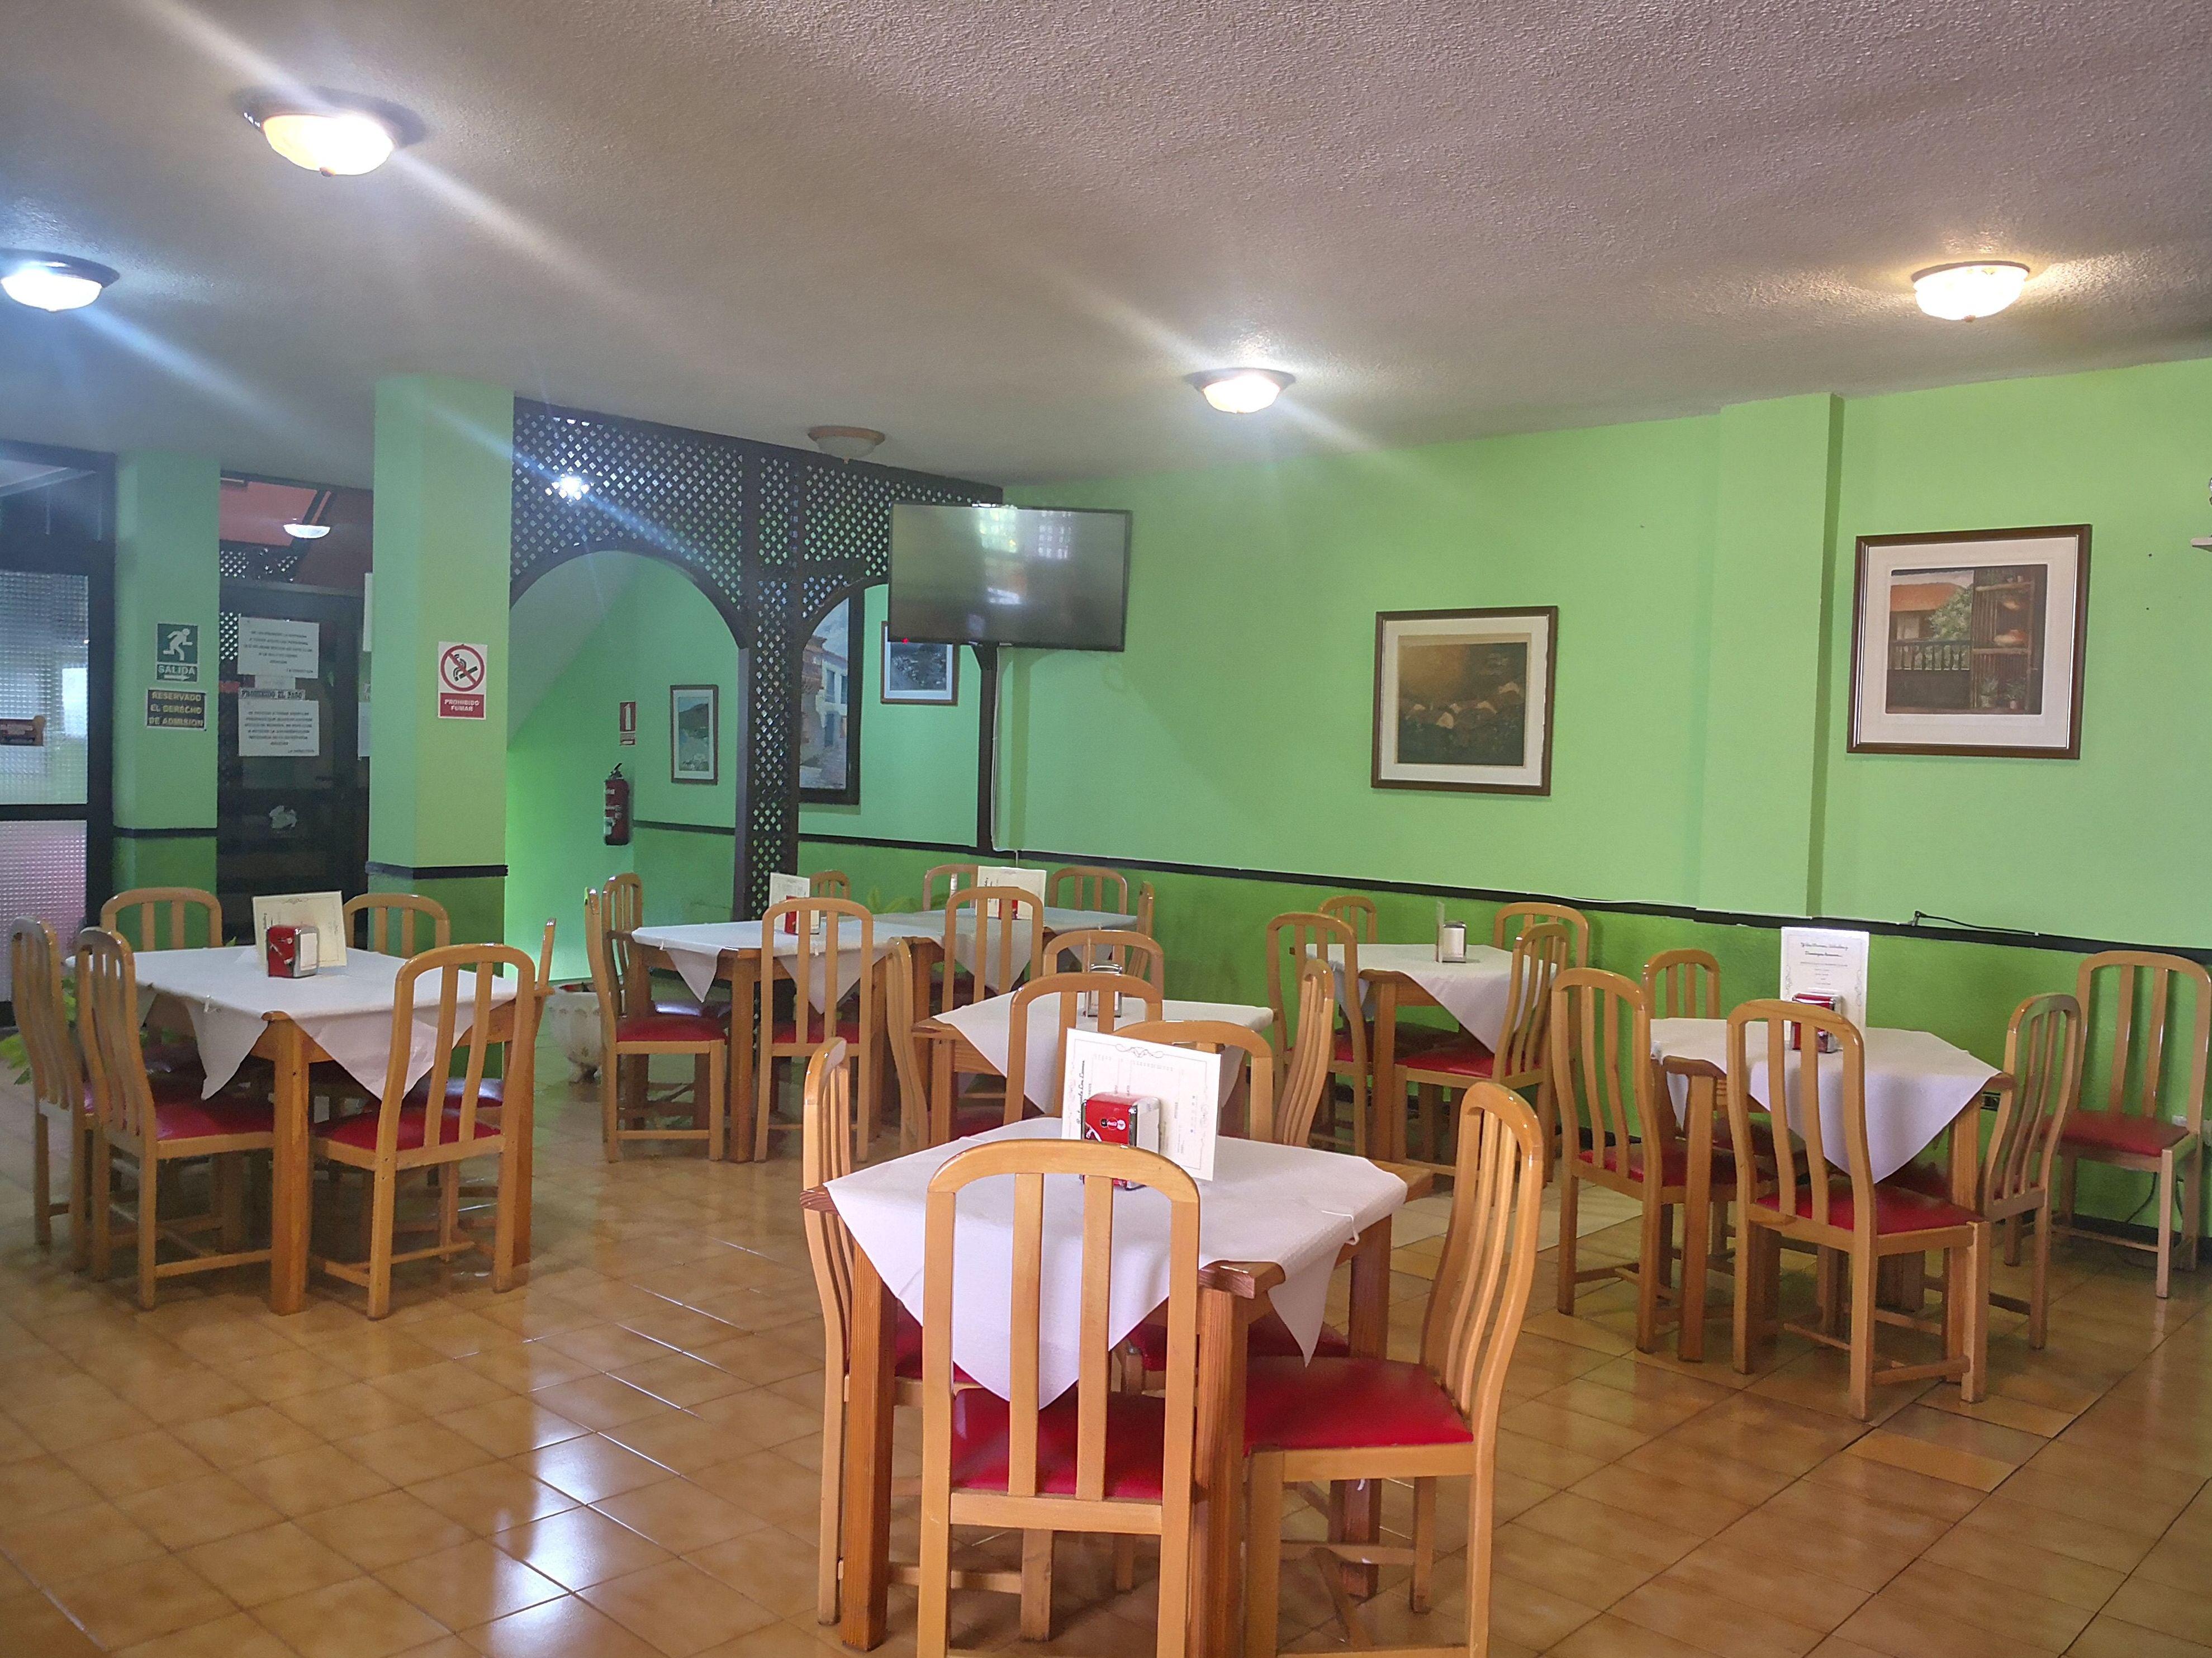 Foto 2 de Restaurante en San Sebastián de La Gomera | Restaurante Los Leones